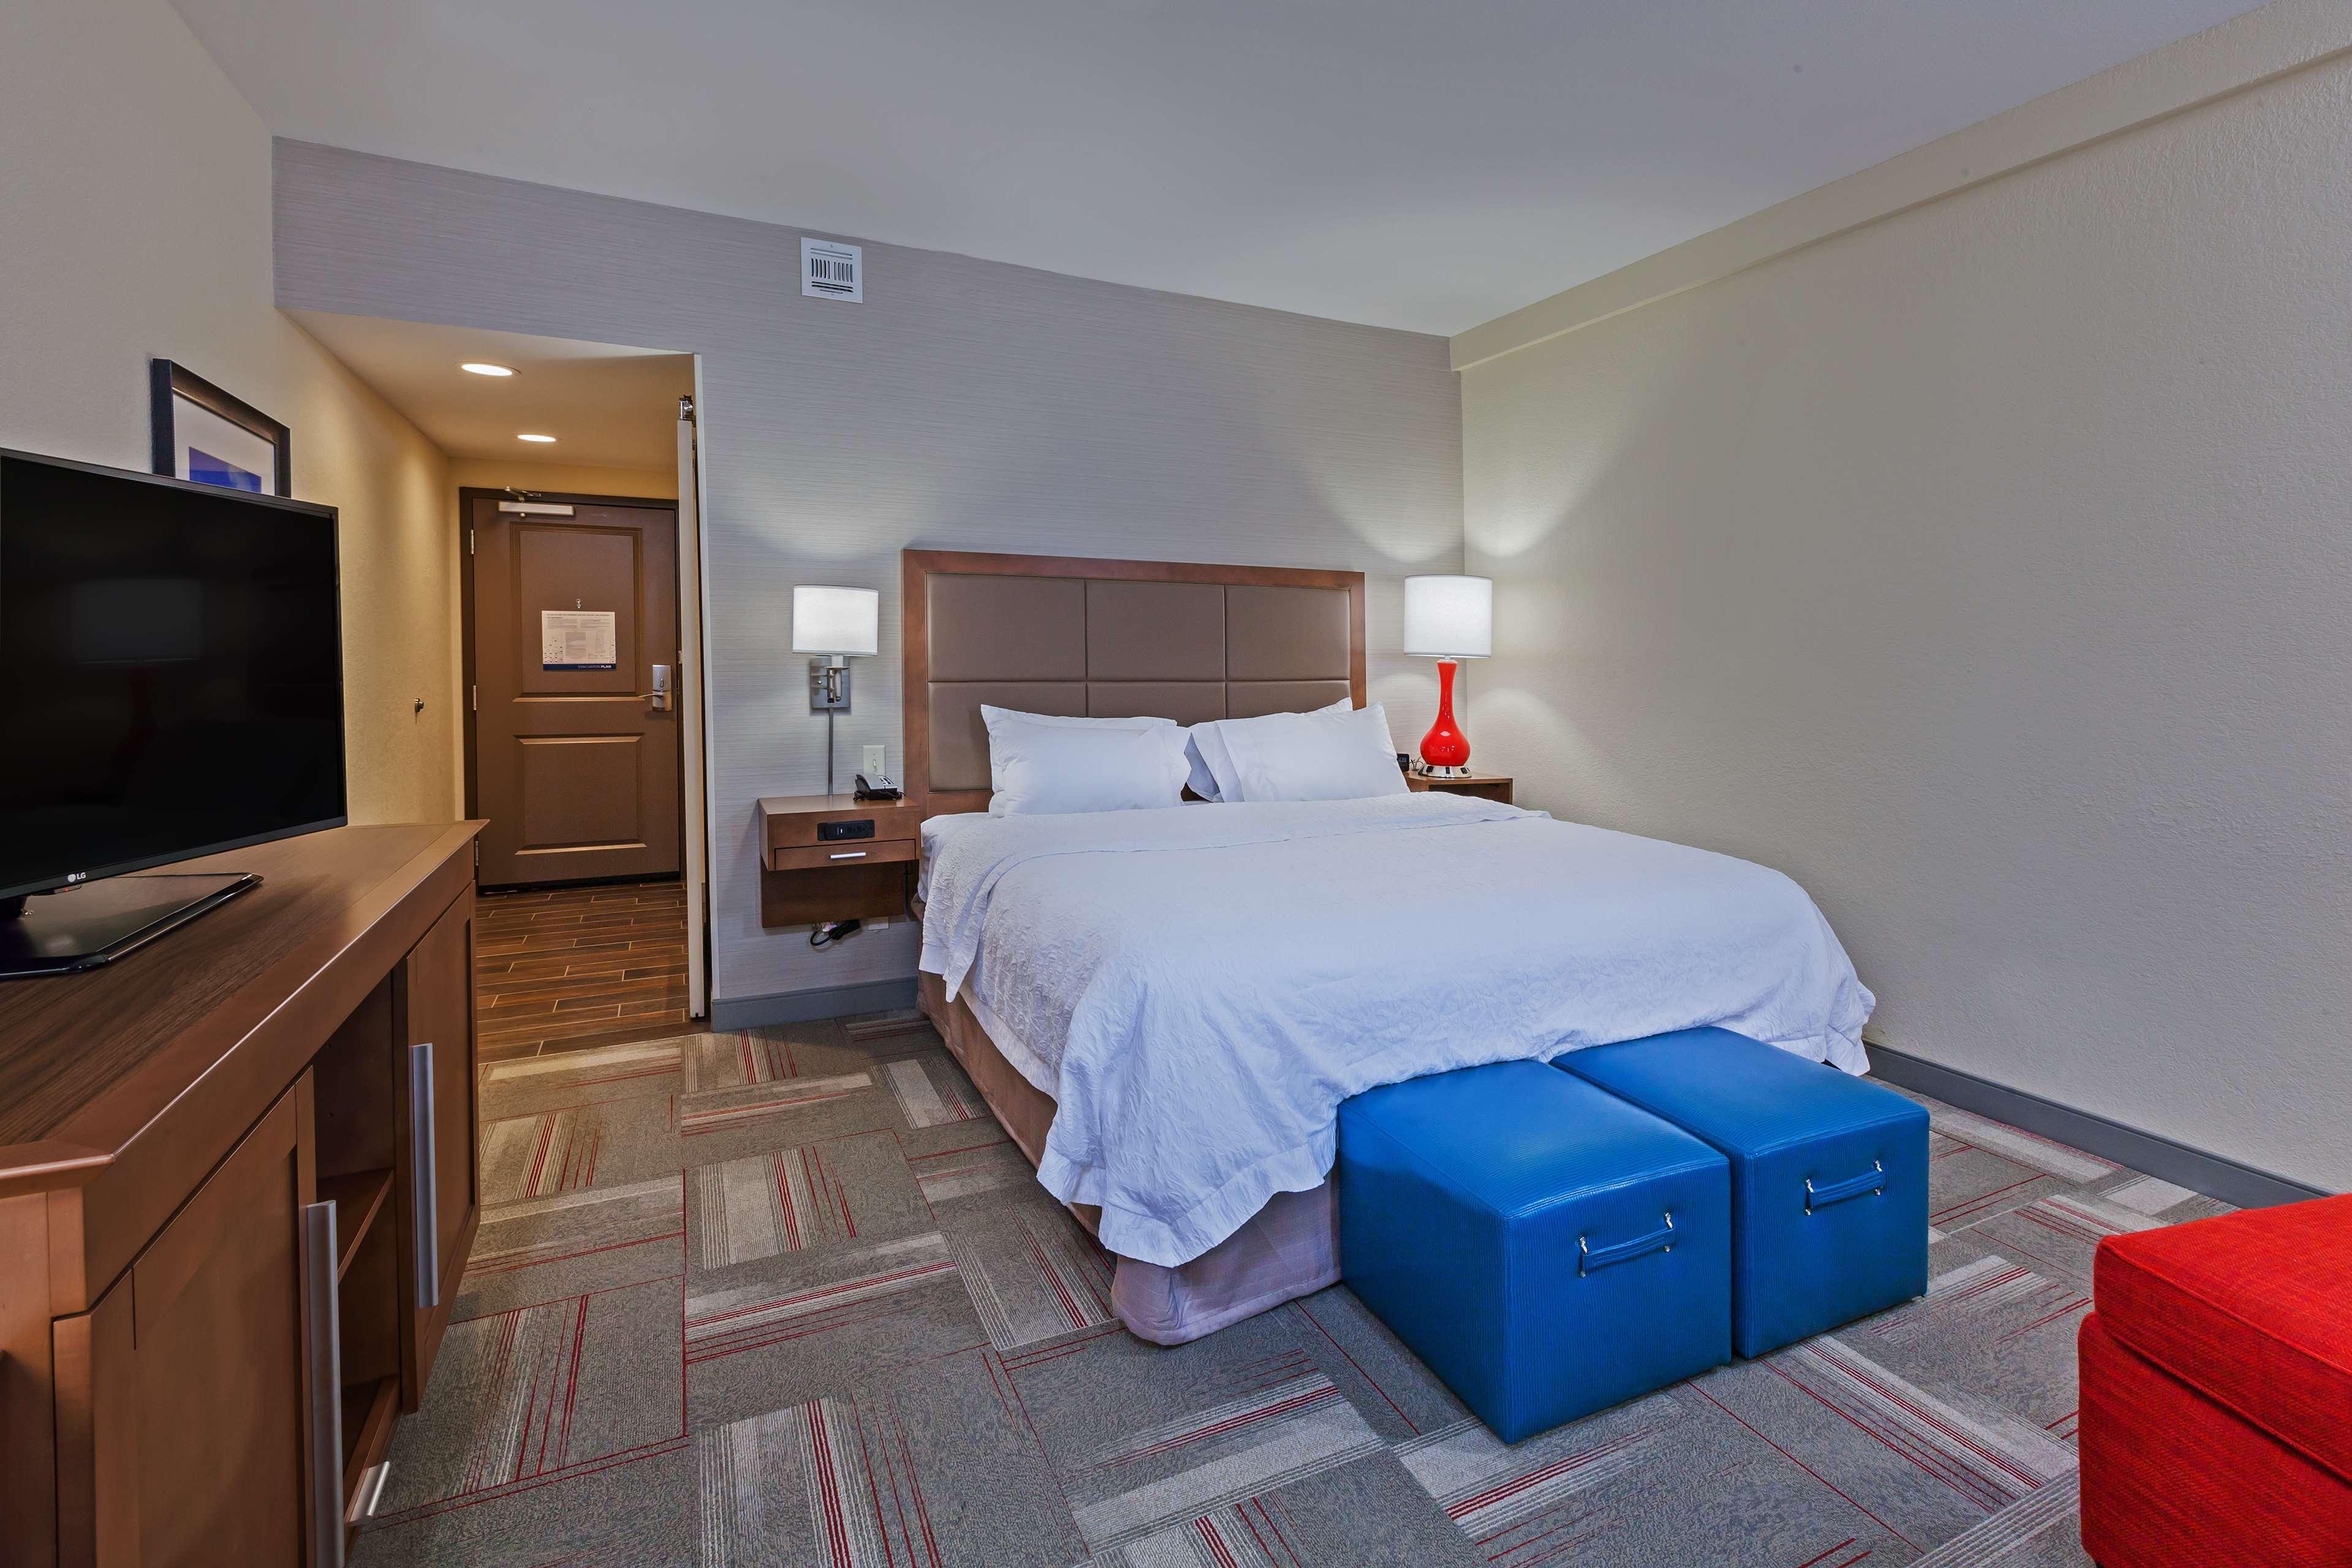 Hampton Inn & Suites Claremore image 28